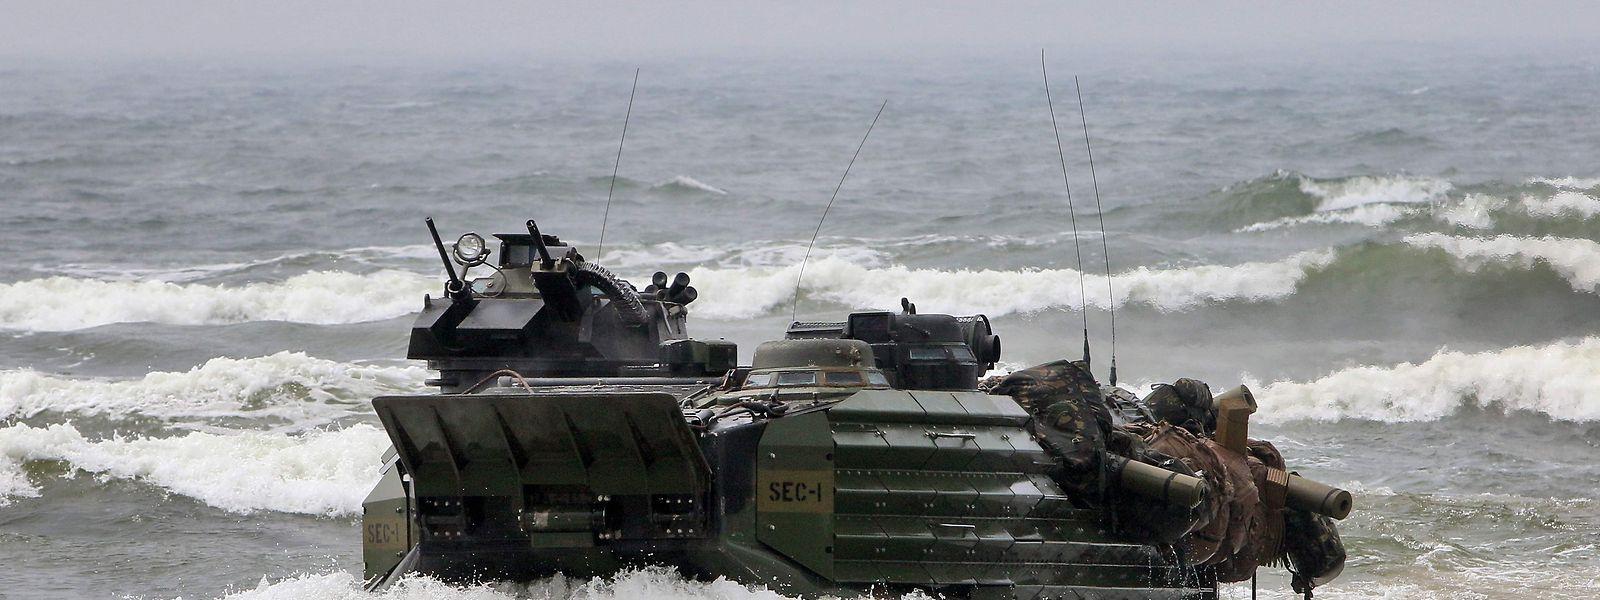 Ein amerikanisches Amphibienfahrzeug bei einer Übung in der baltischen See.